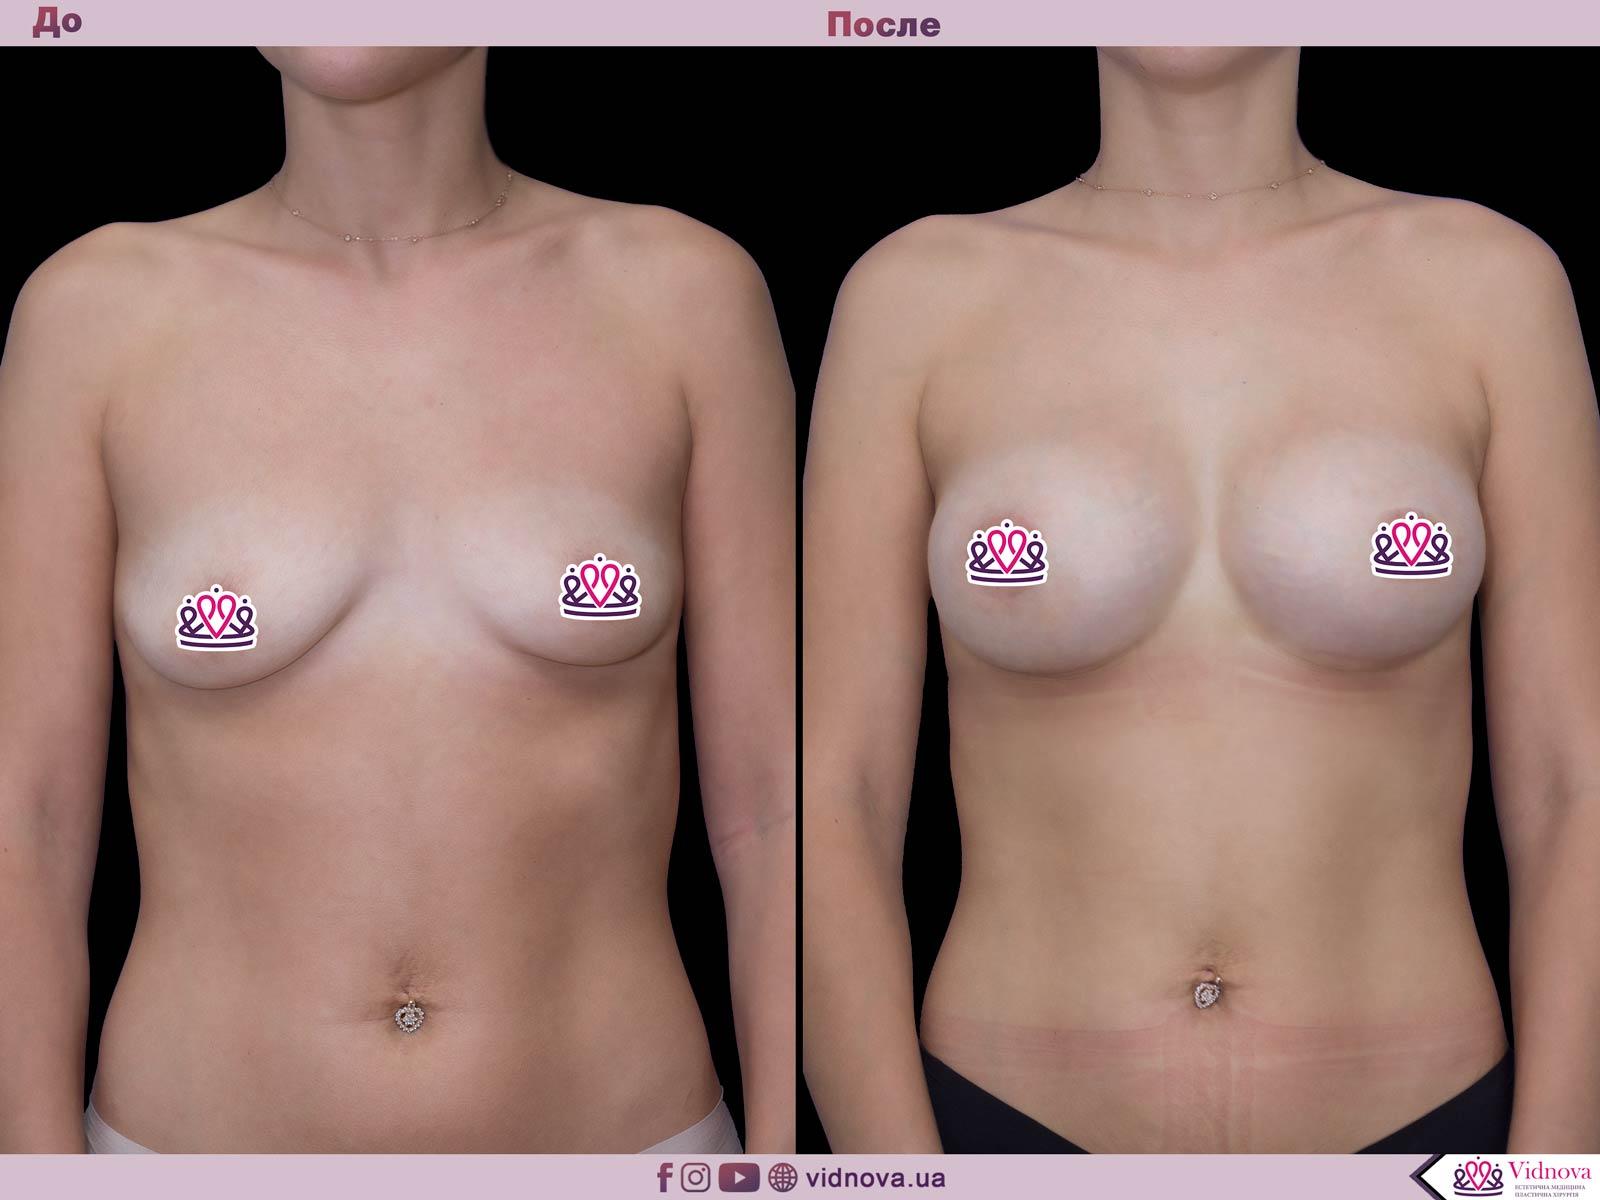 Пластика груди: результаты до и после - Пример №52-0 - Светлана Работенко